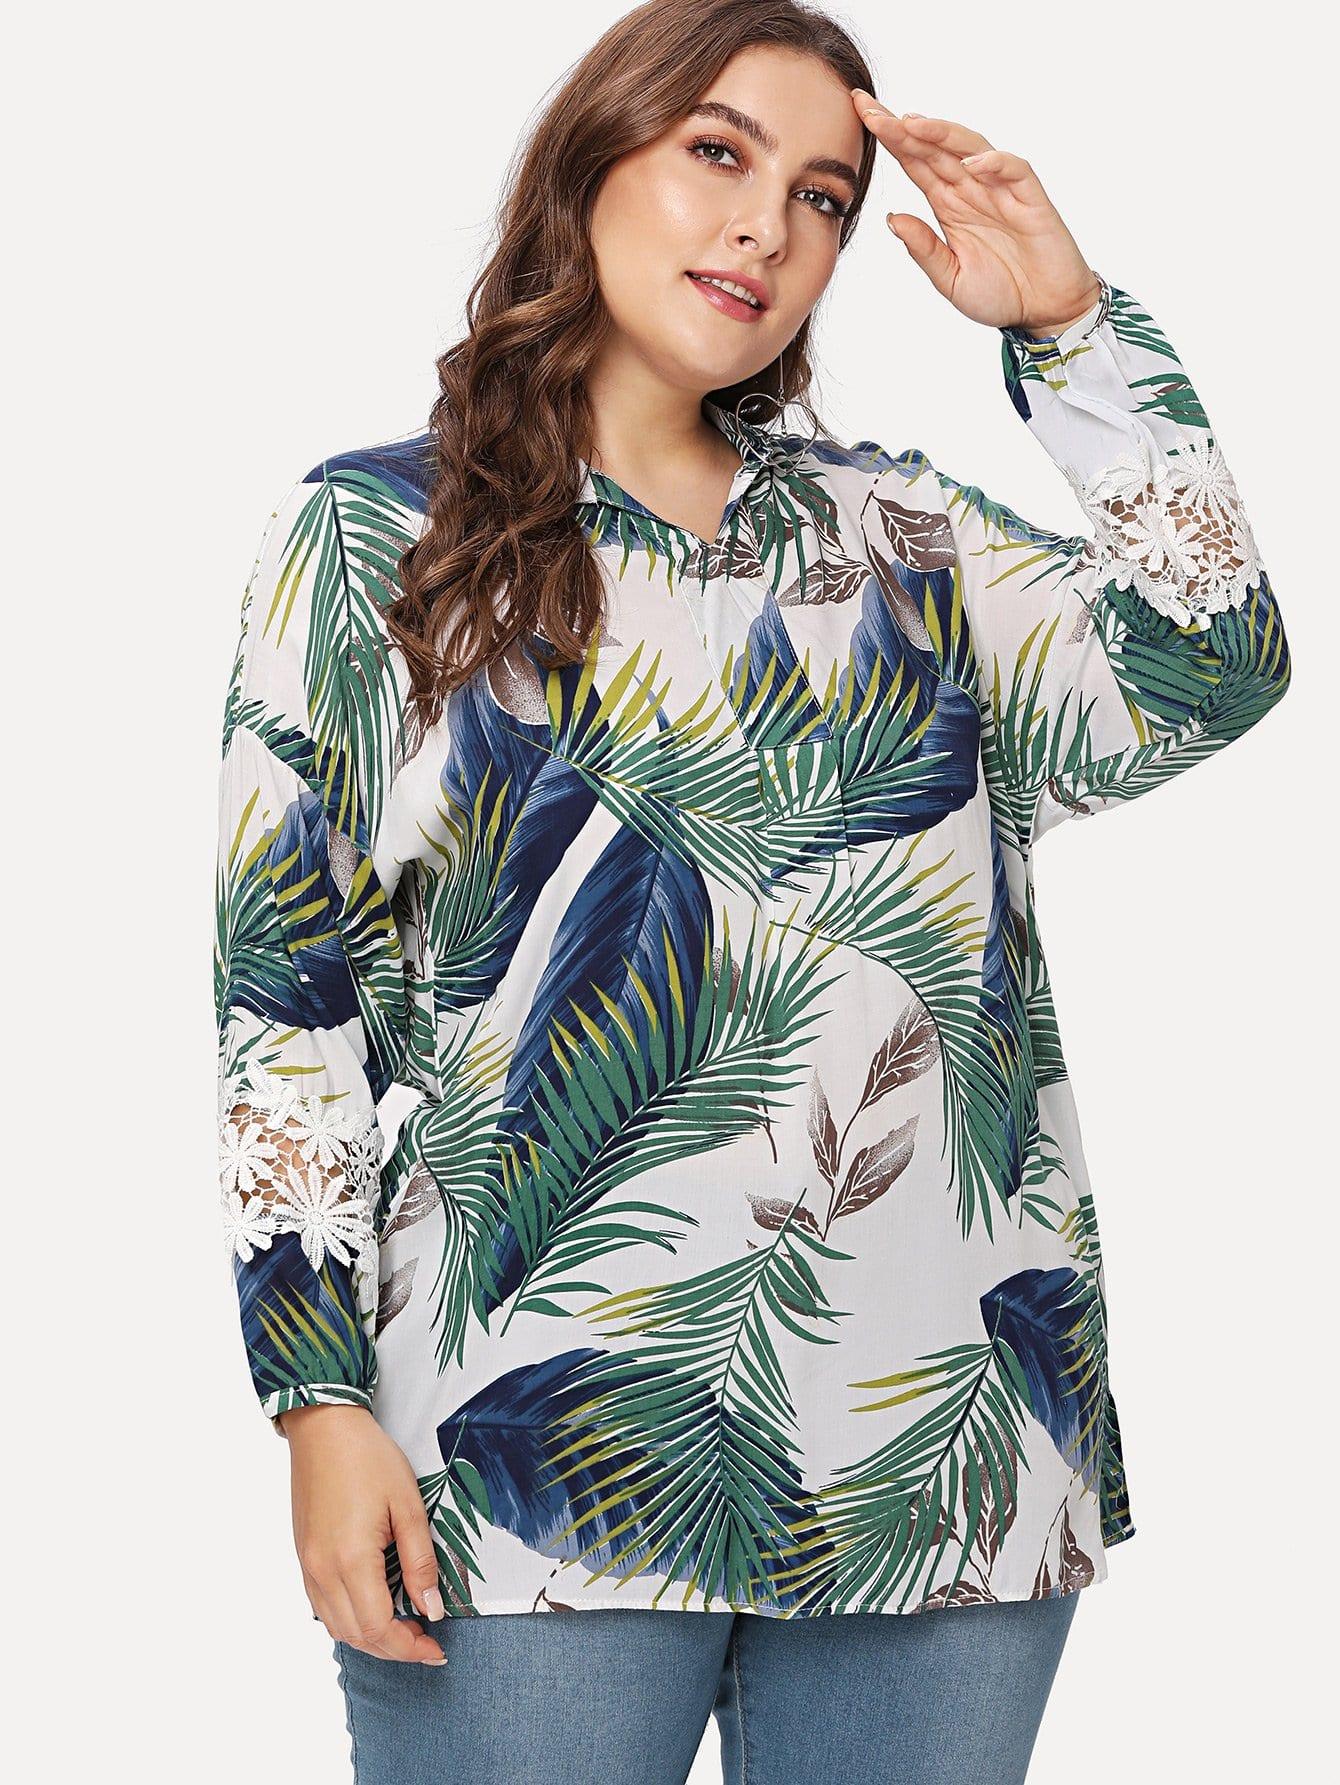 Купить Блузка с принтом тропики, Franziska, SheIn